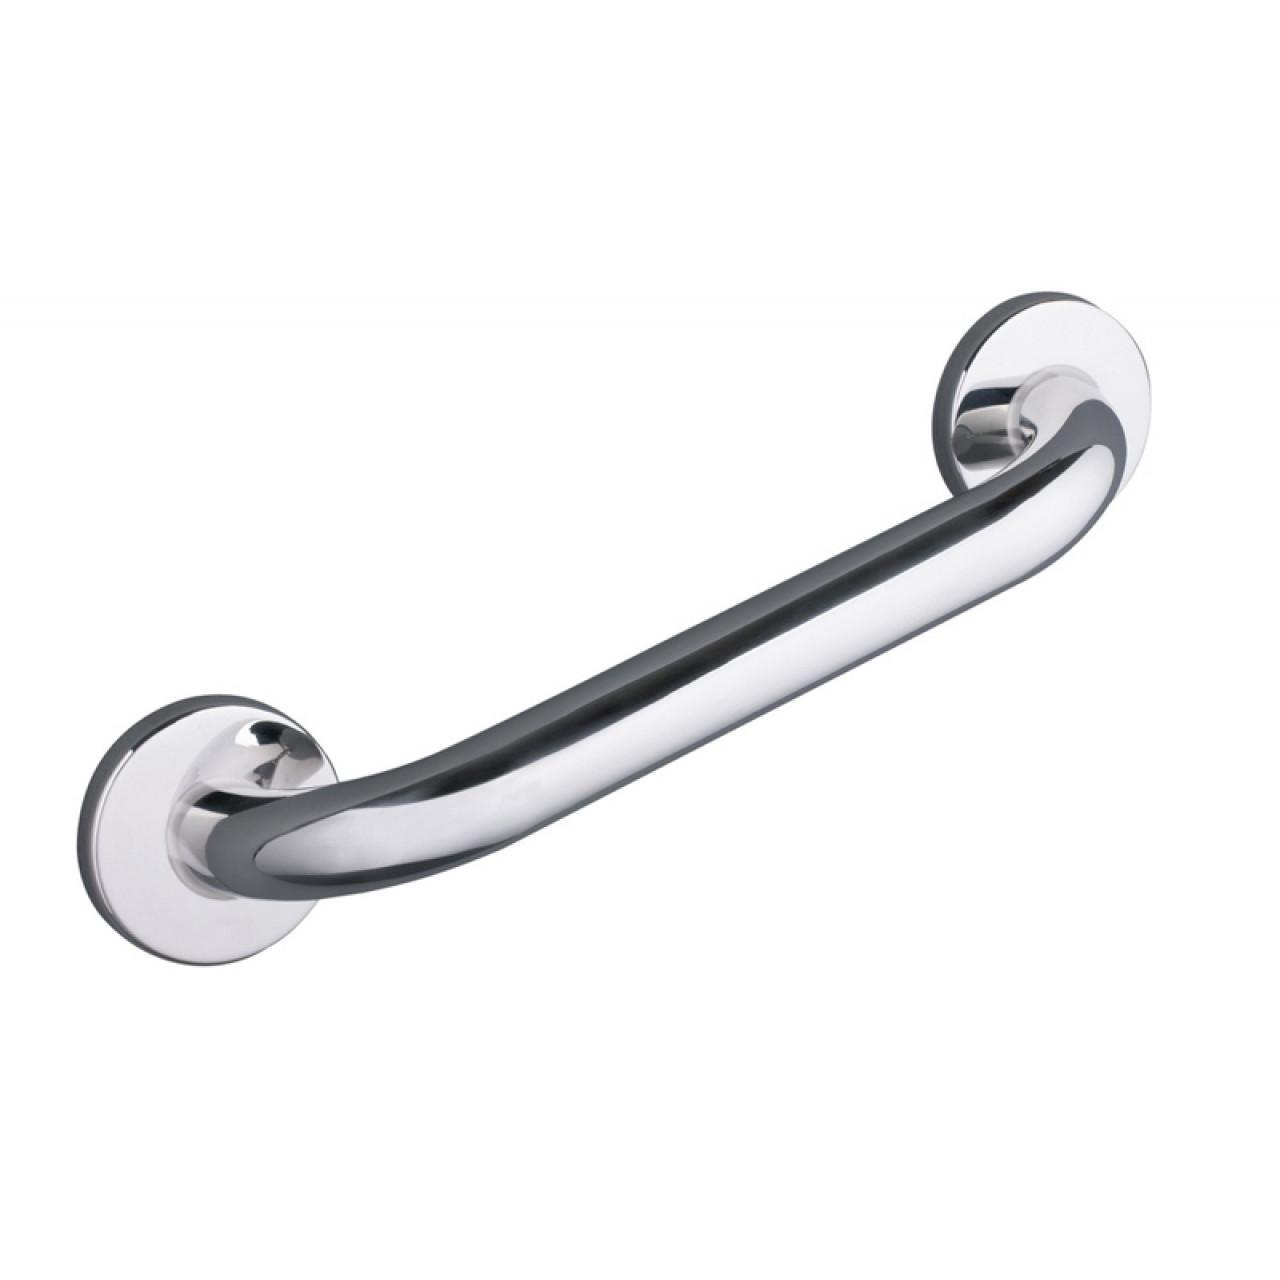 Поручень для ванны Ridder А00130001 хром (30 см) купить в Москве по цене от 3017р. в интернет-магазине mebel-v-vannu.ru